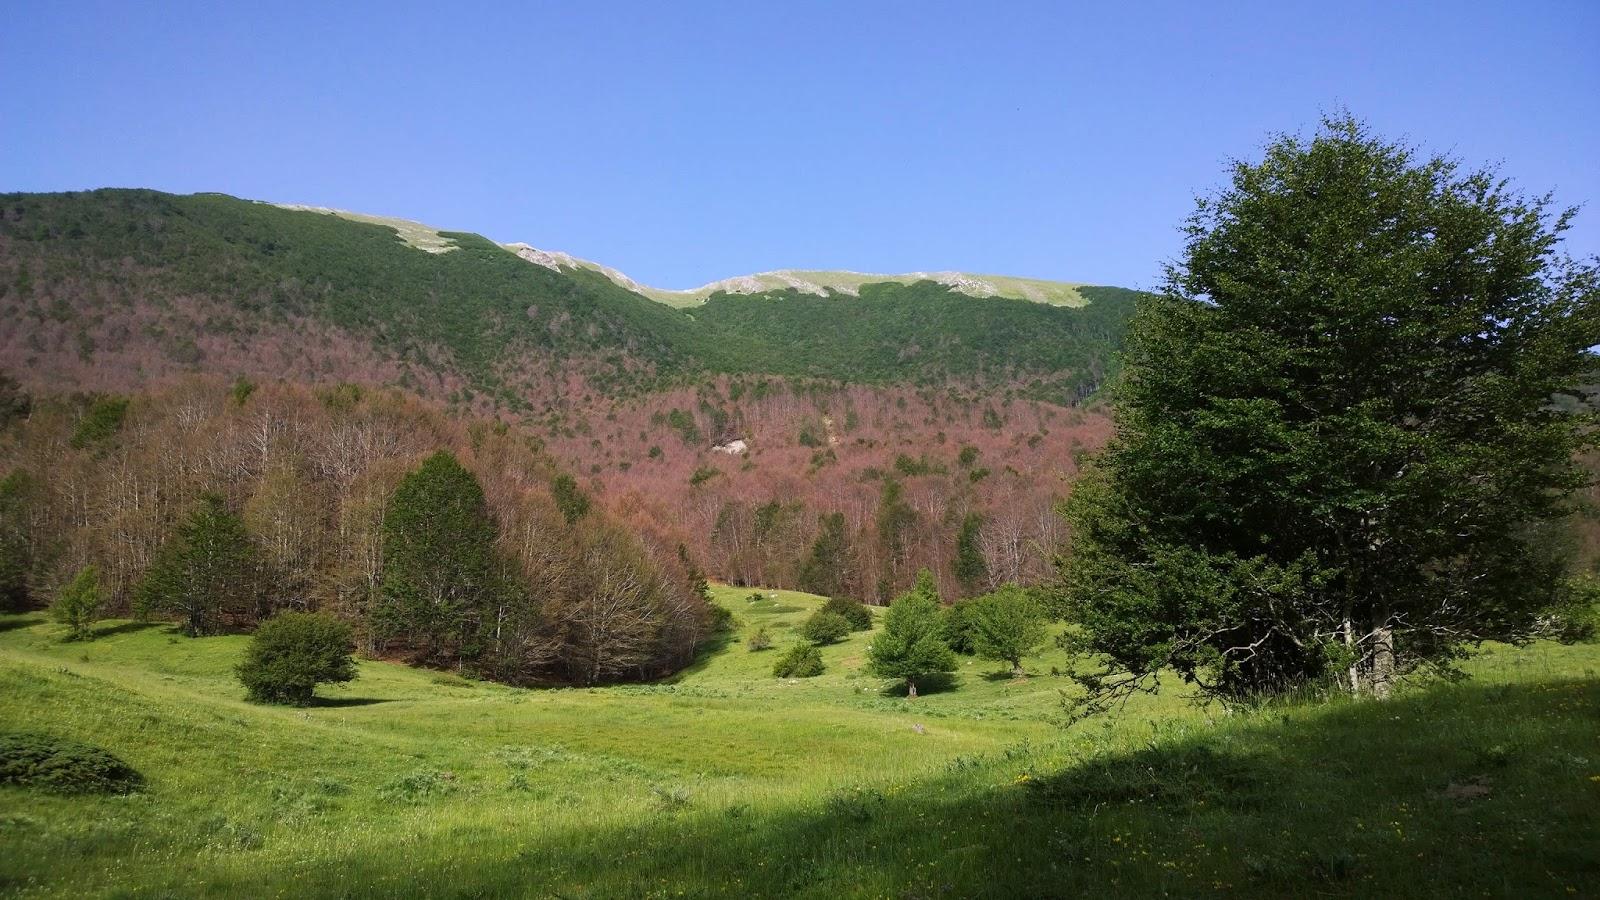 Pollinofantastico serra crispo e il giardino degli dei - Il giardino degli dei ...